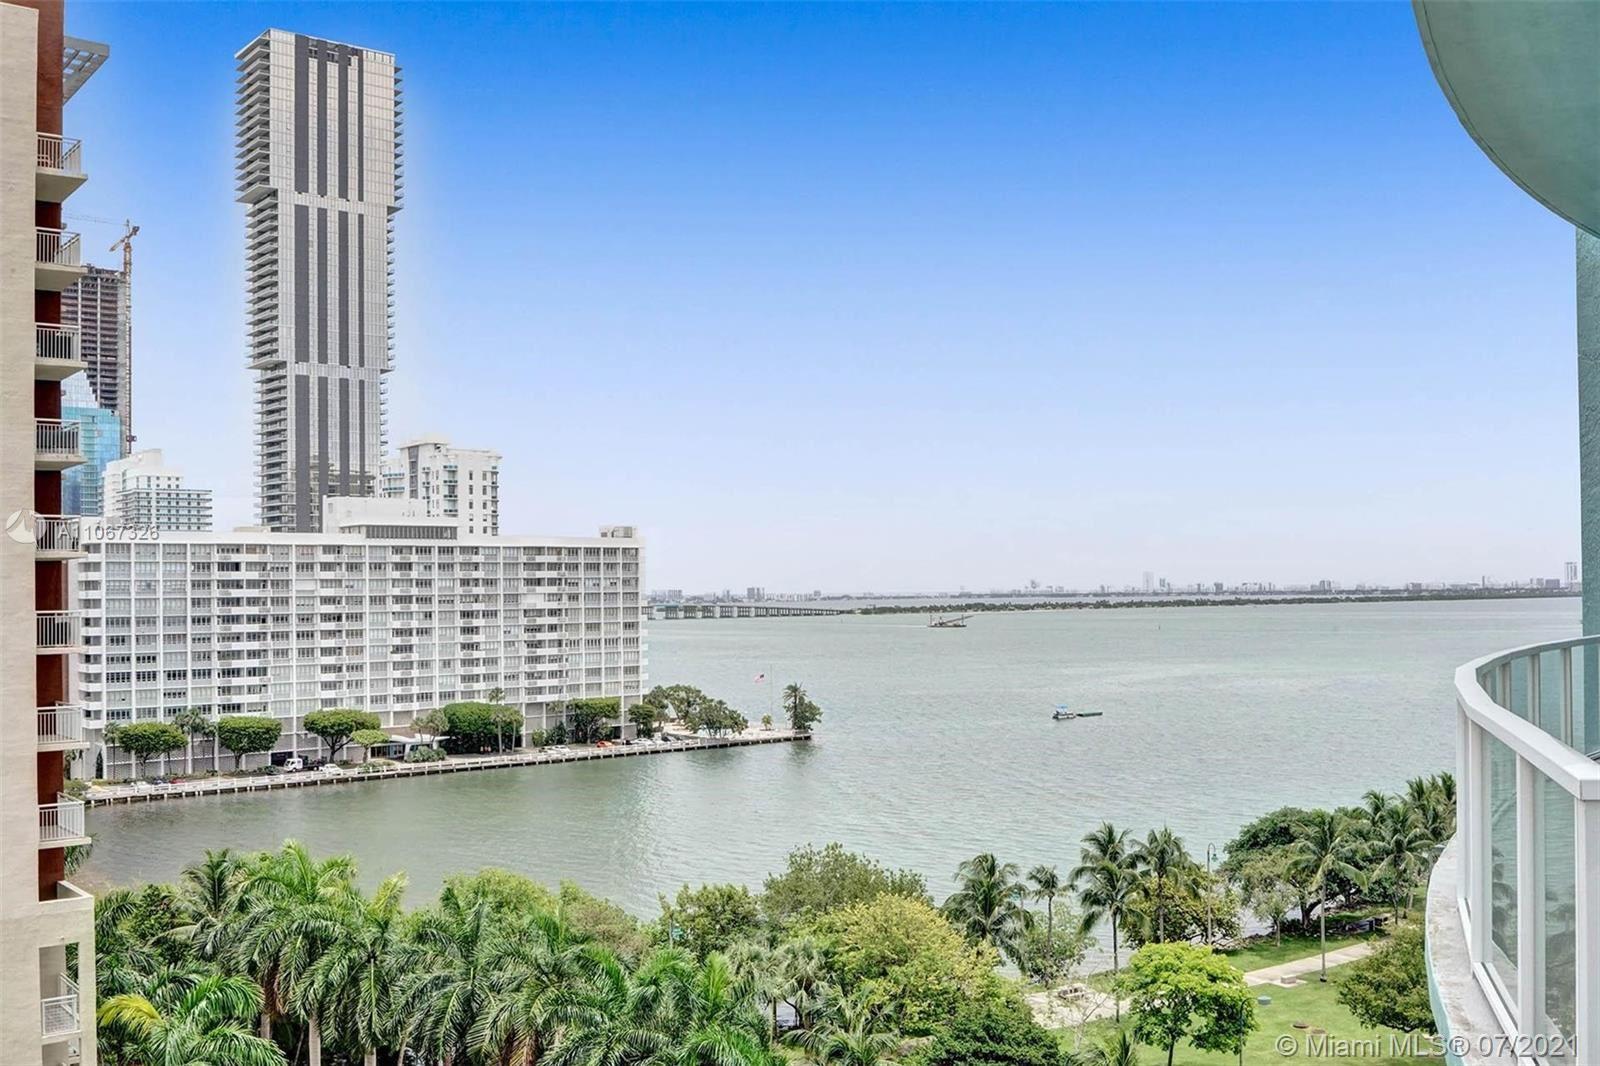 1900 N Bayshore Dr #1010, Miami, FL 33132 - #: A11067326